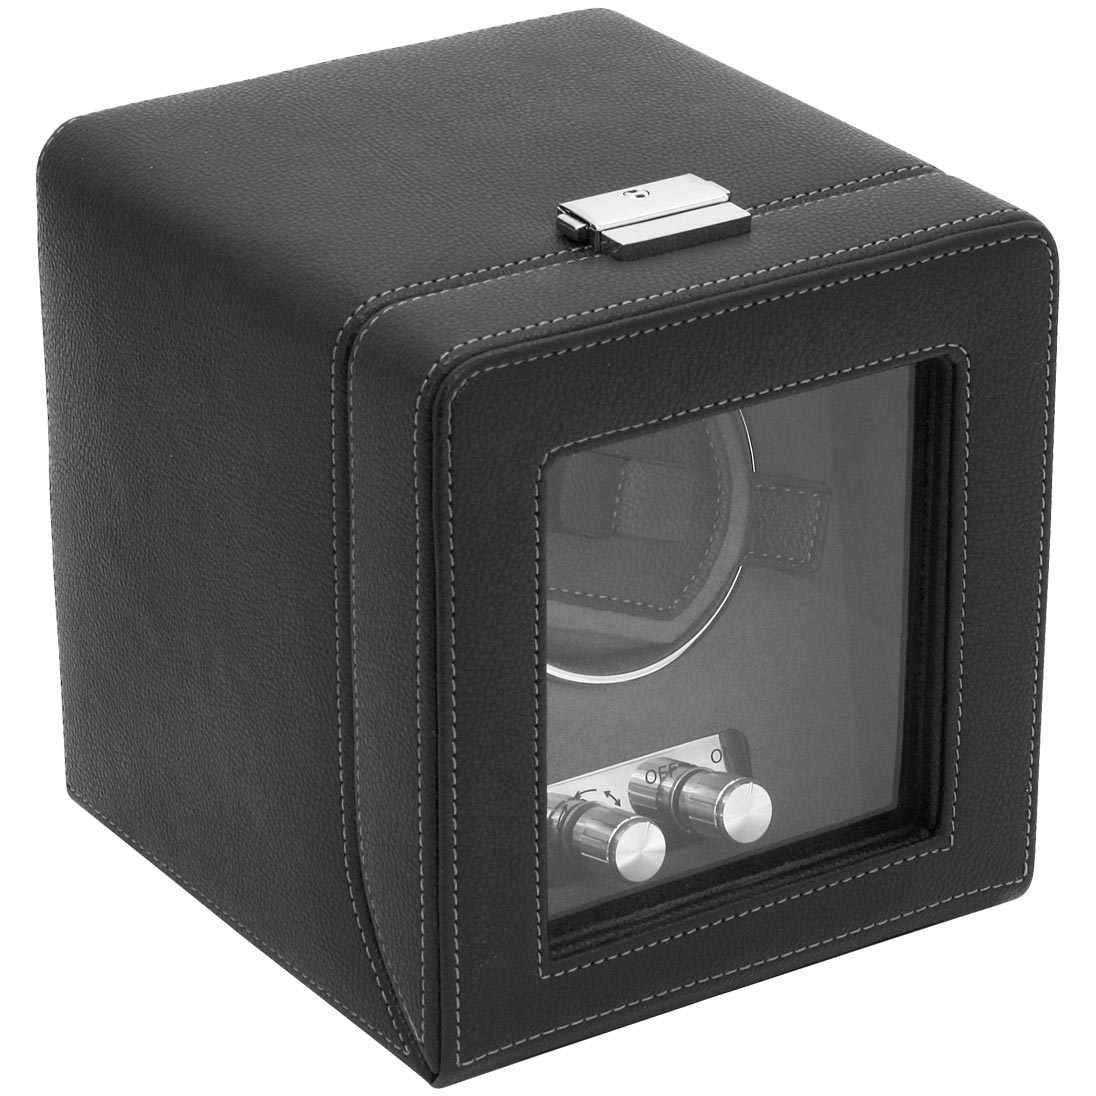 friedrich 23 uhrenbeweger f r eine uhr feinsynthetik kaufen bei markenkoffer. Black Bedroom Furniture Sets. Home Design Ideas